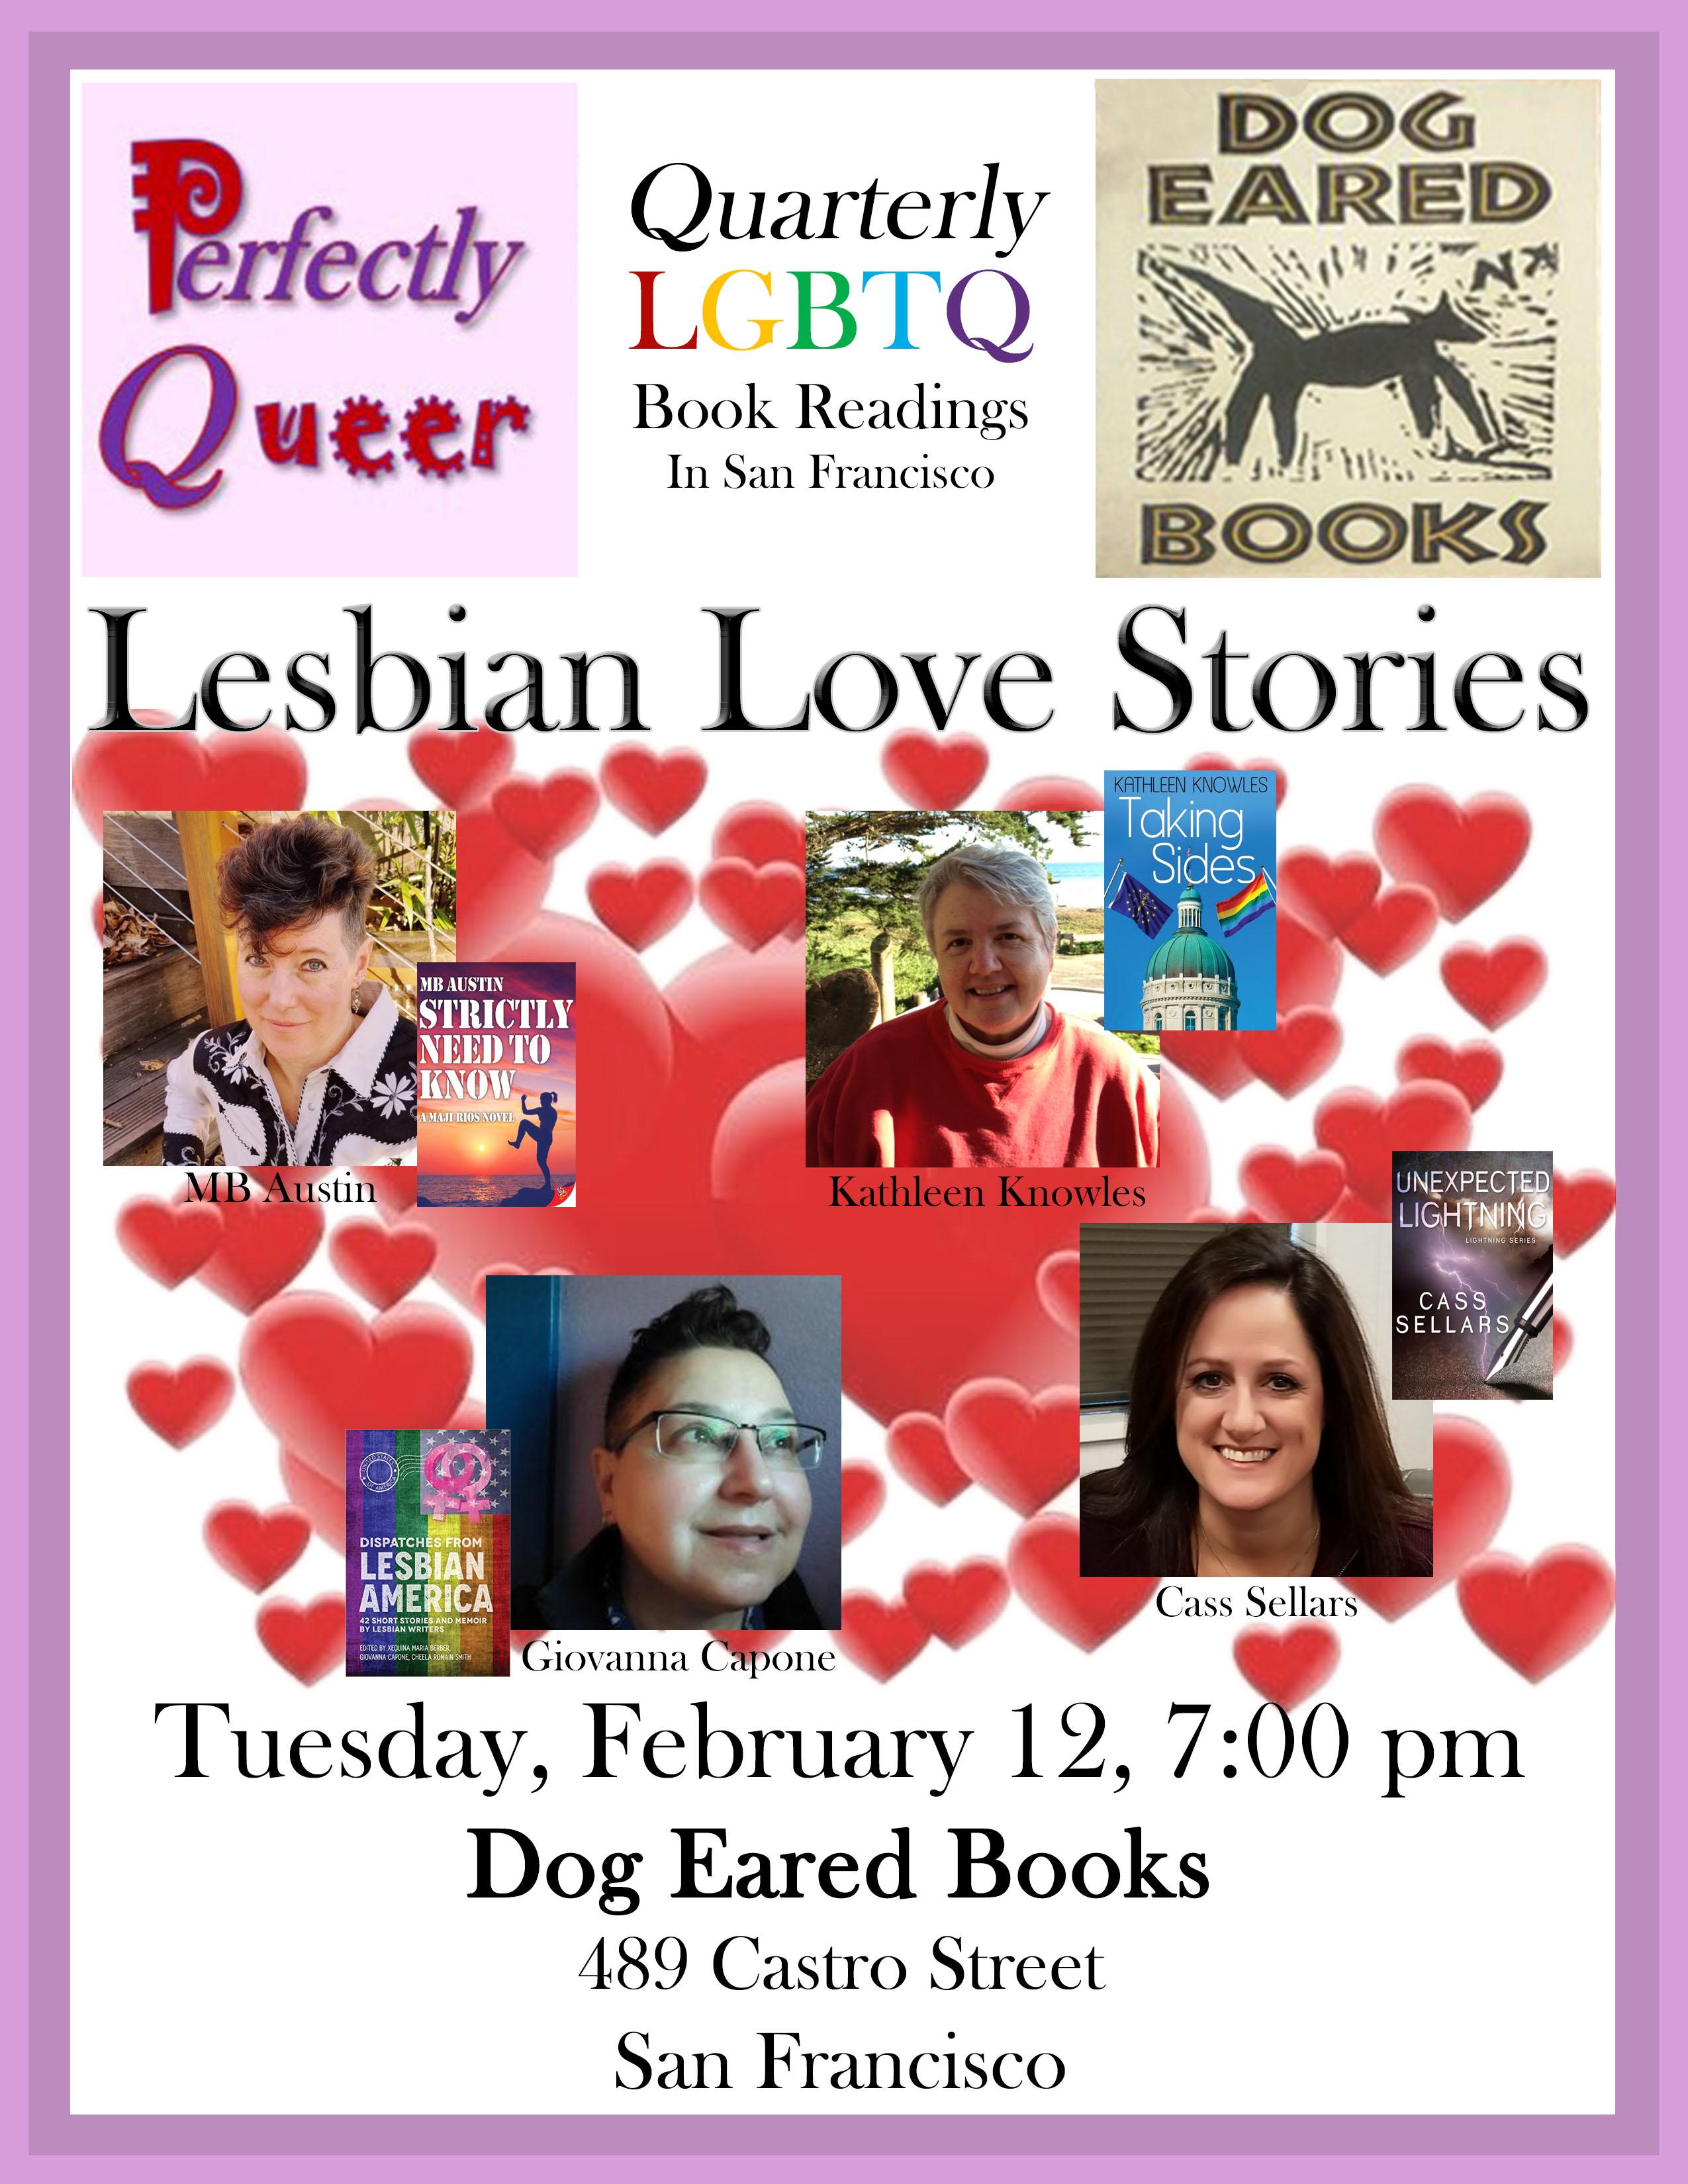 Read lesbian stories